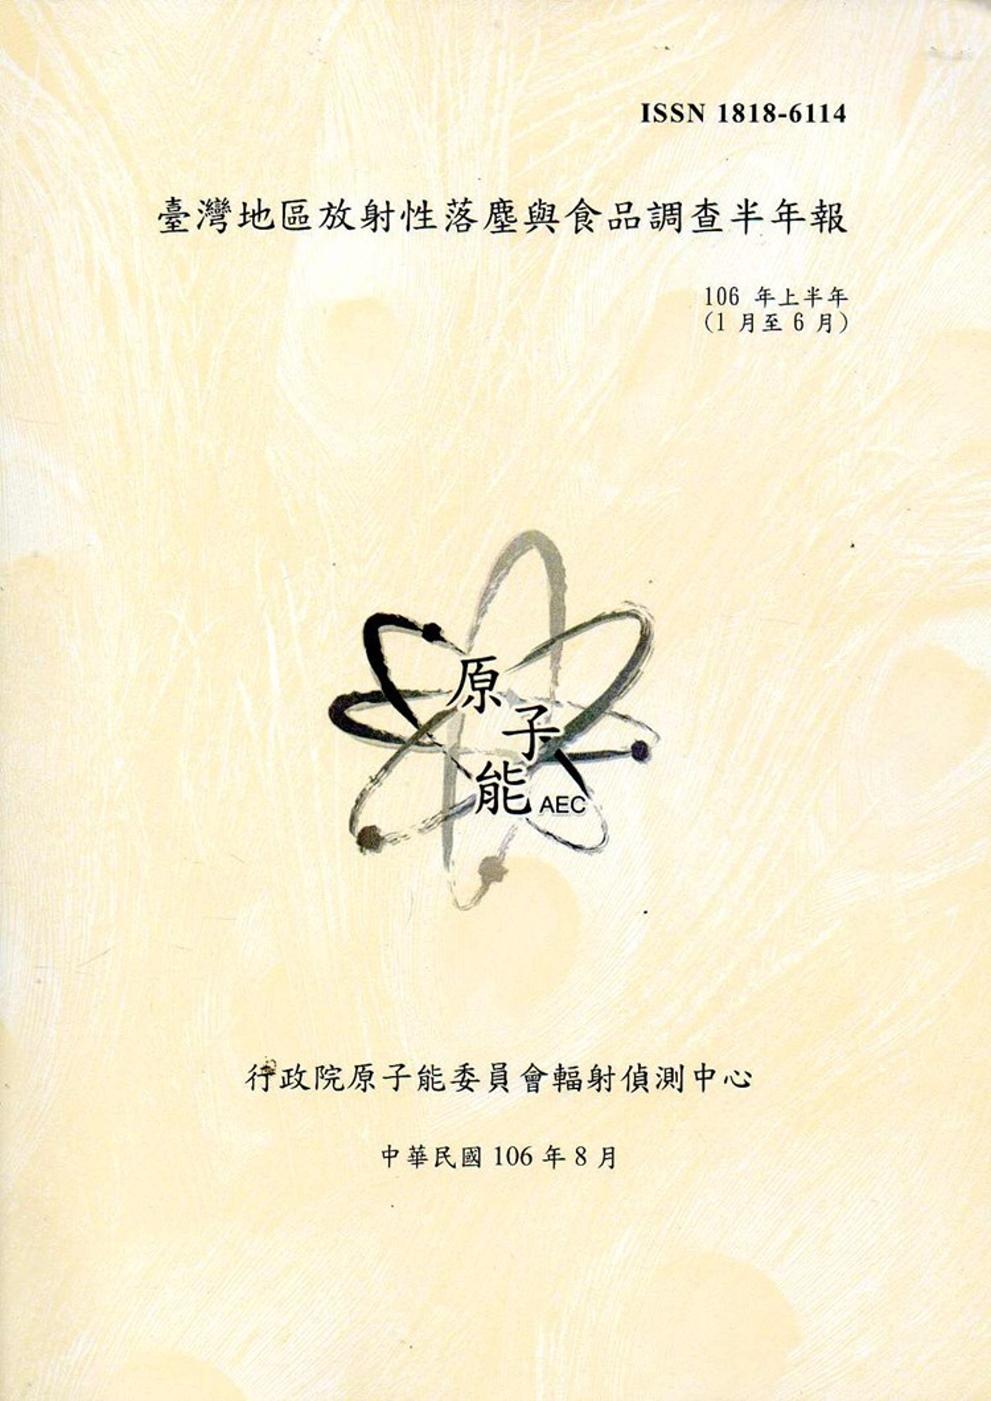 臺灣地區放射性落塵與食品調查半年報(106年上半年)